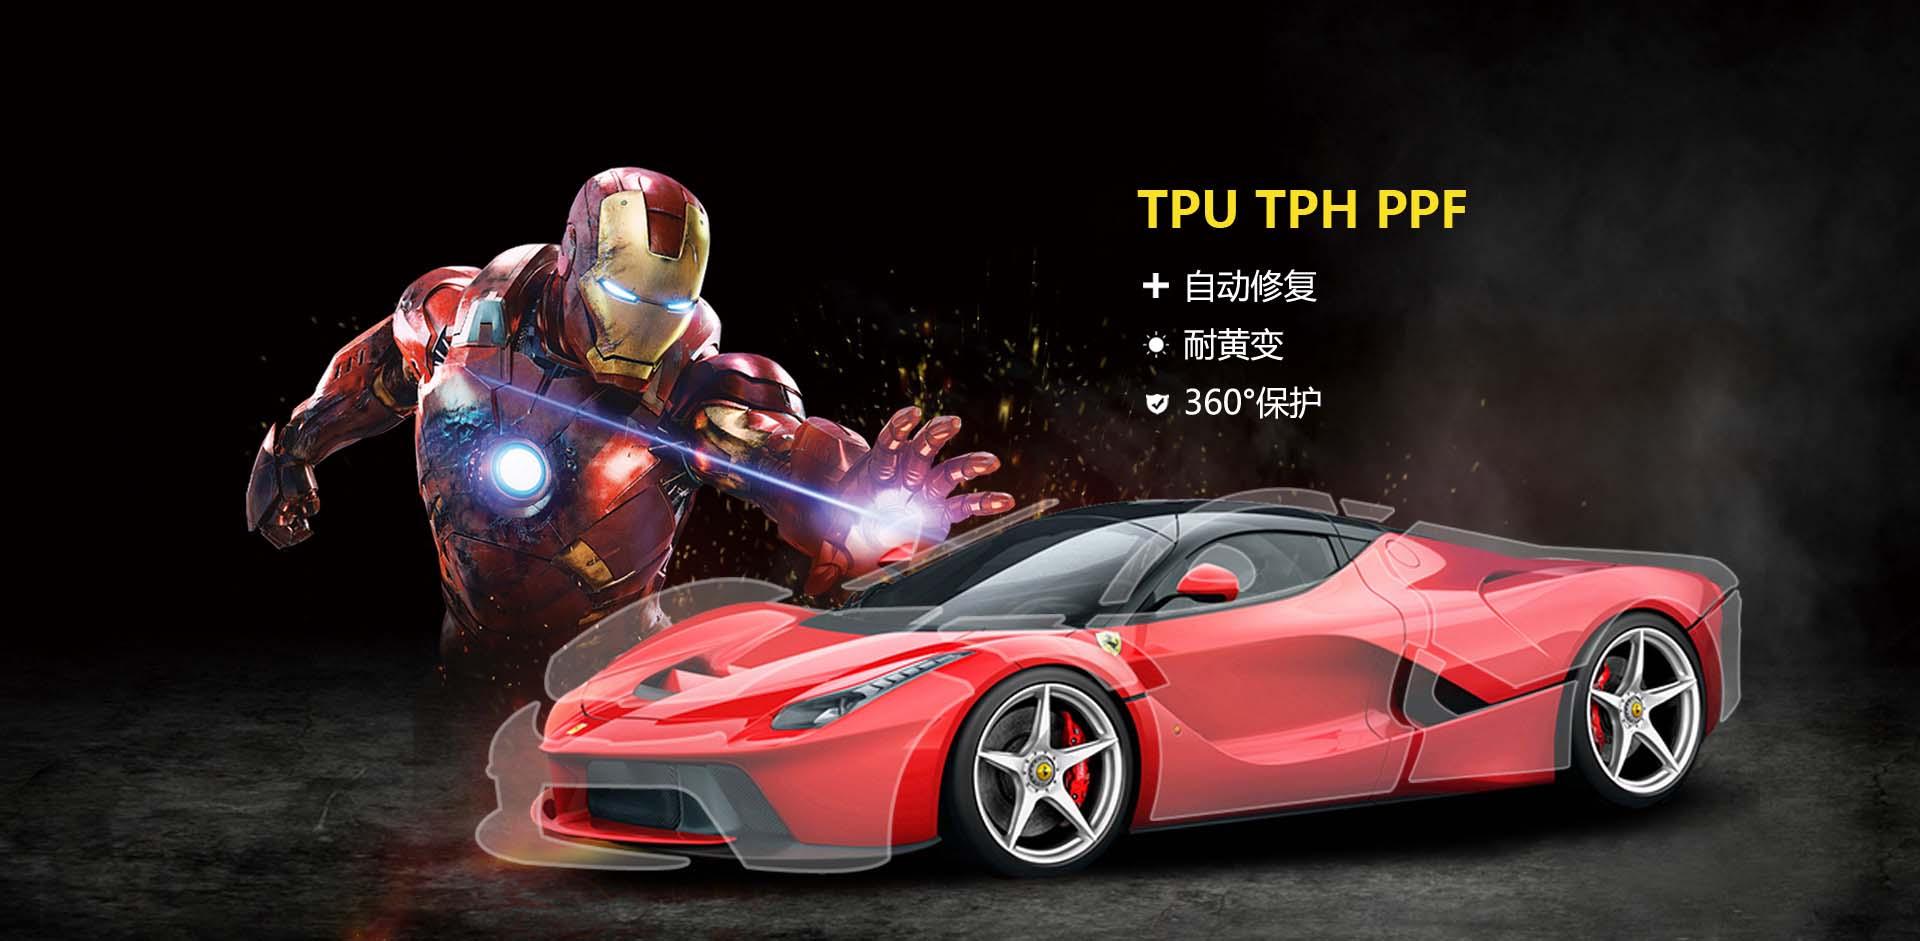 卡莱克™CL-PPF-TPU透明隐形车衣车漆保护膜